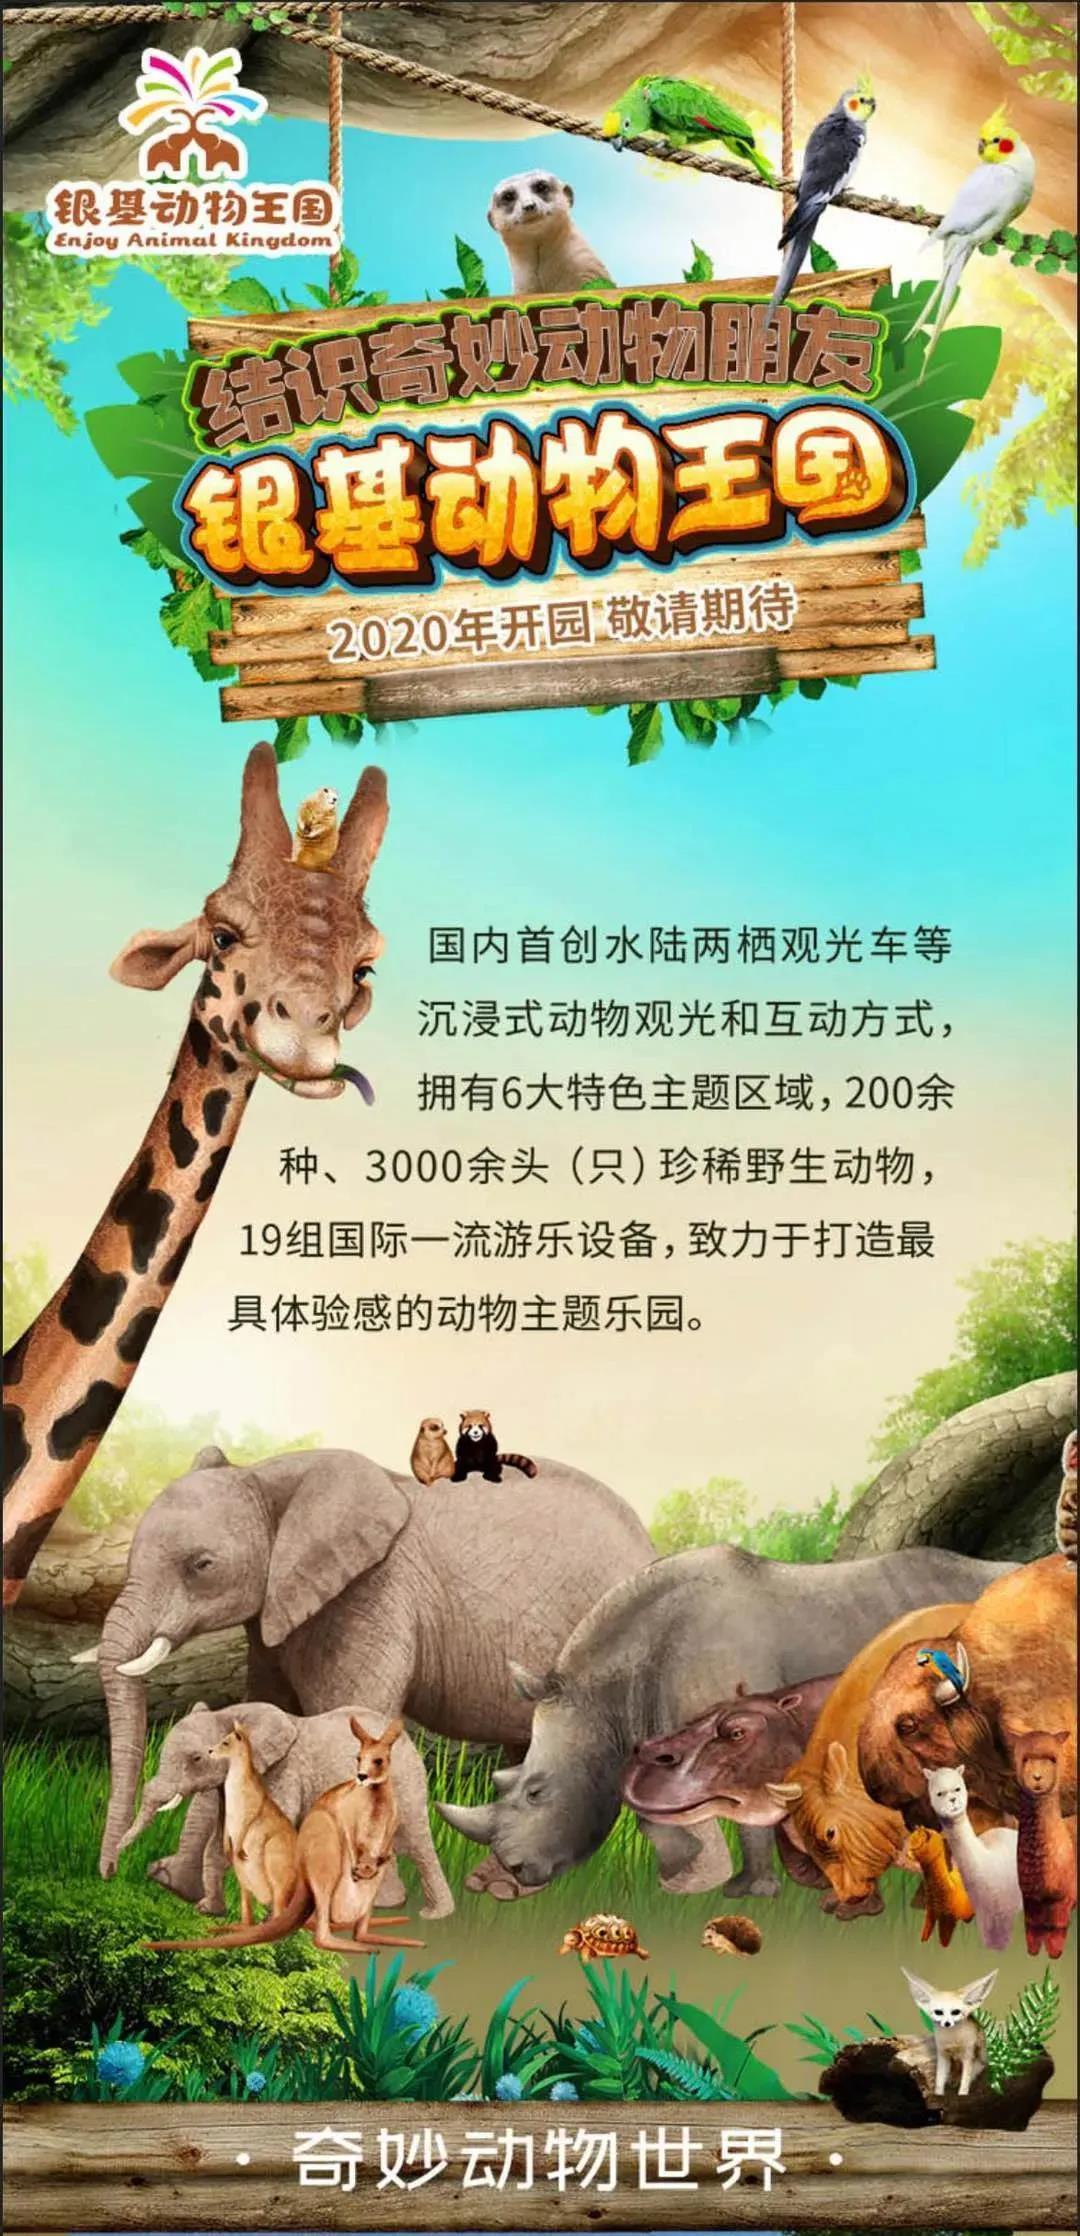 2020郑州银基动物王国开园时间、园区详情、门票价格